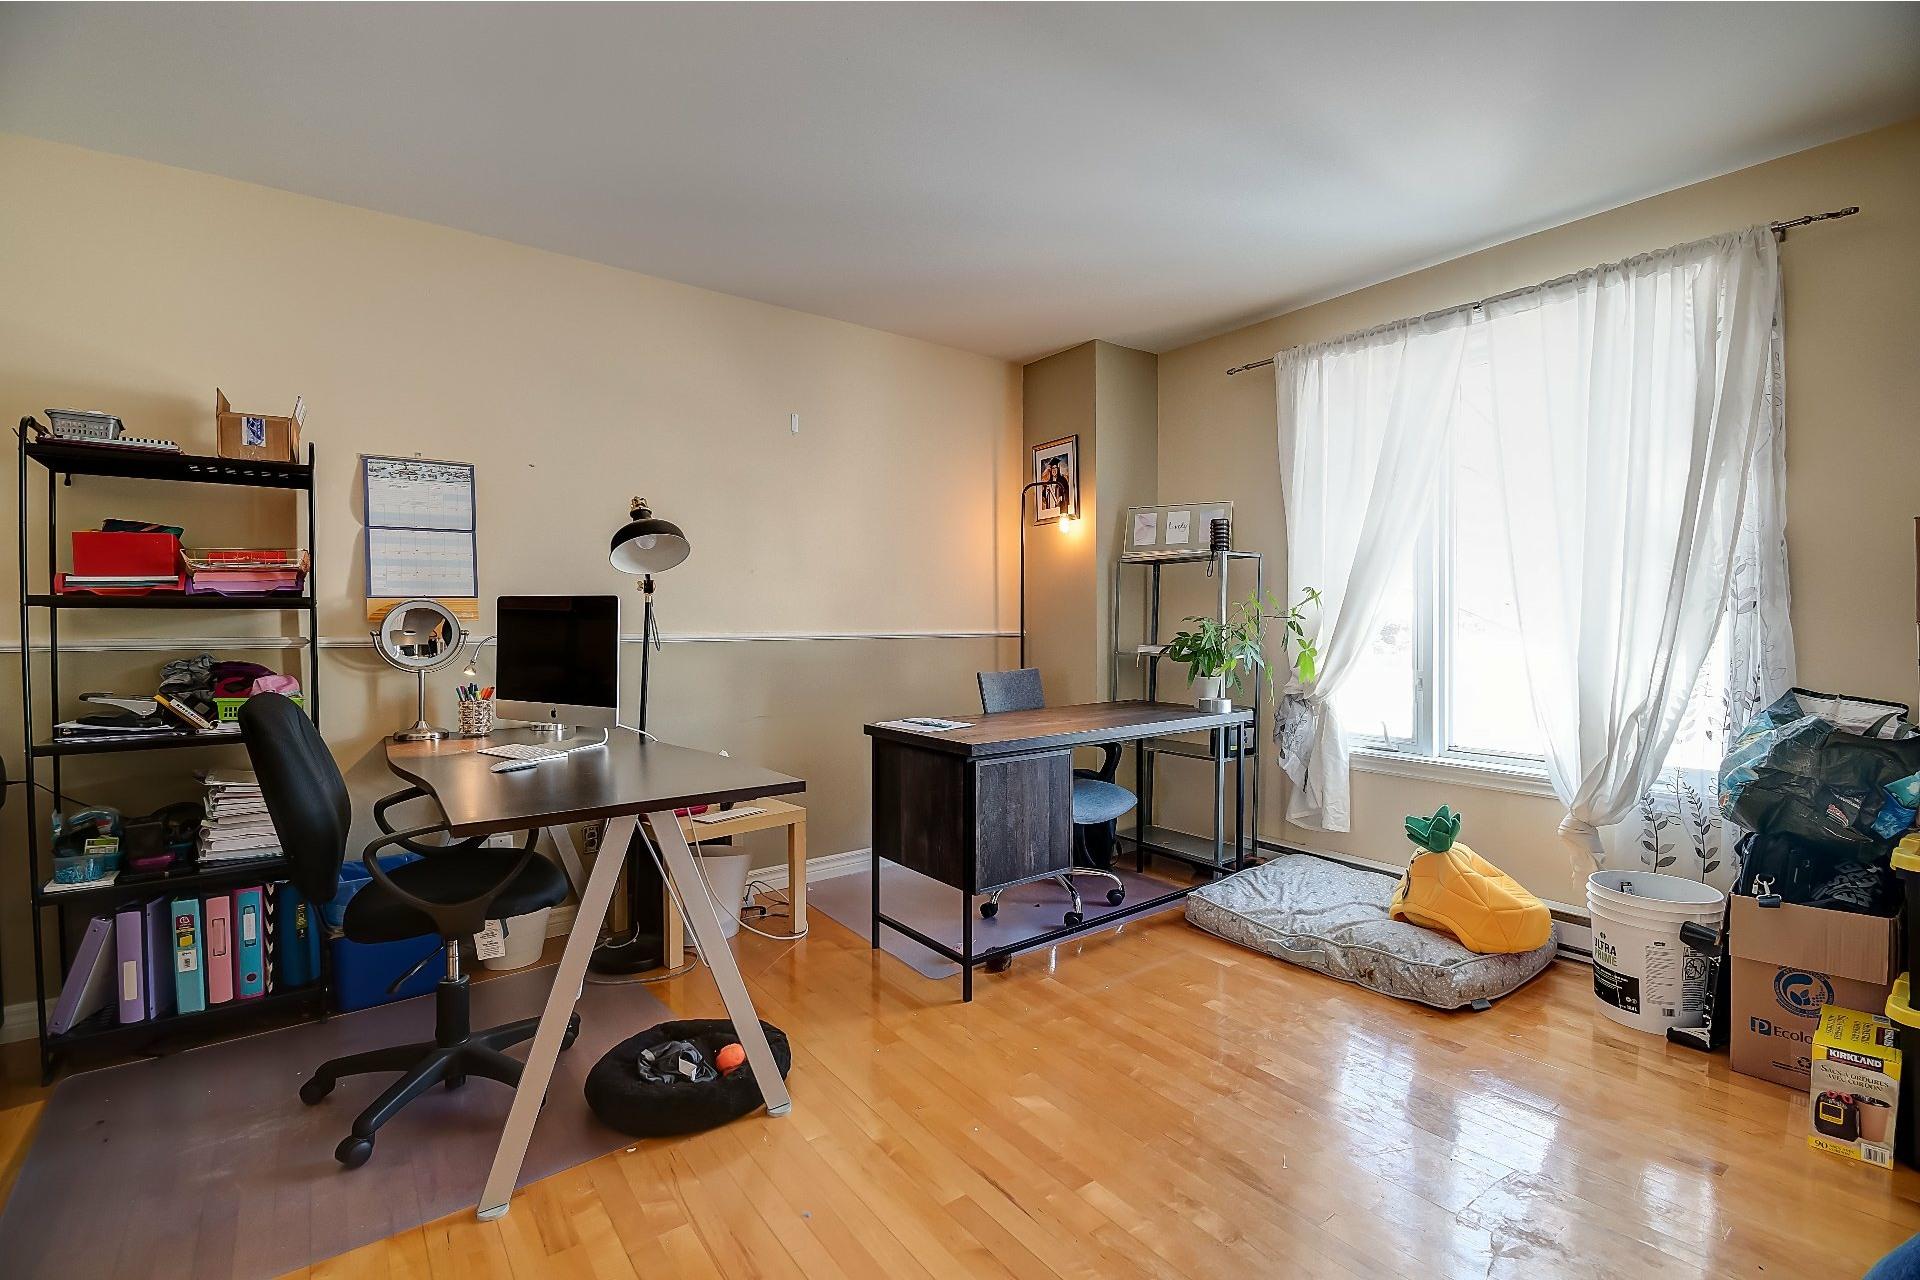 image 9 - Maison À vendre Trois-Rivières - 10 pièces